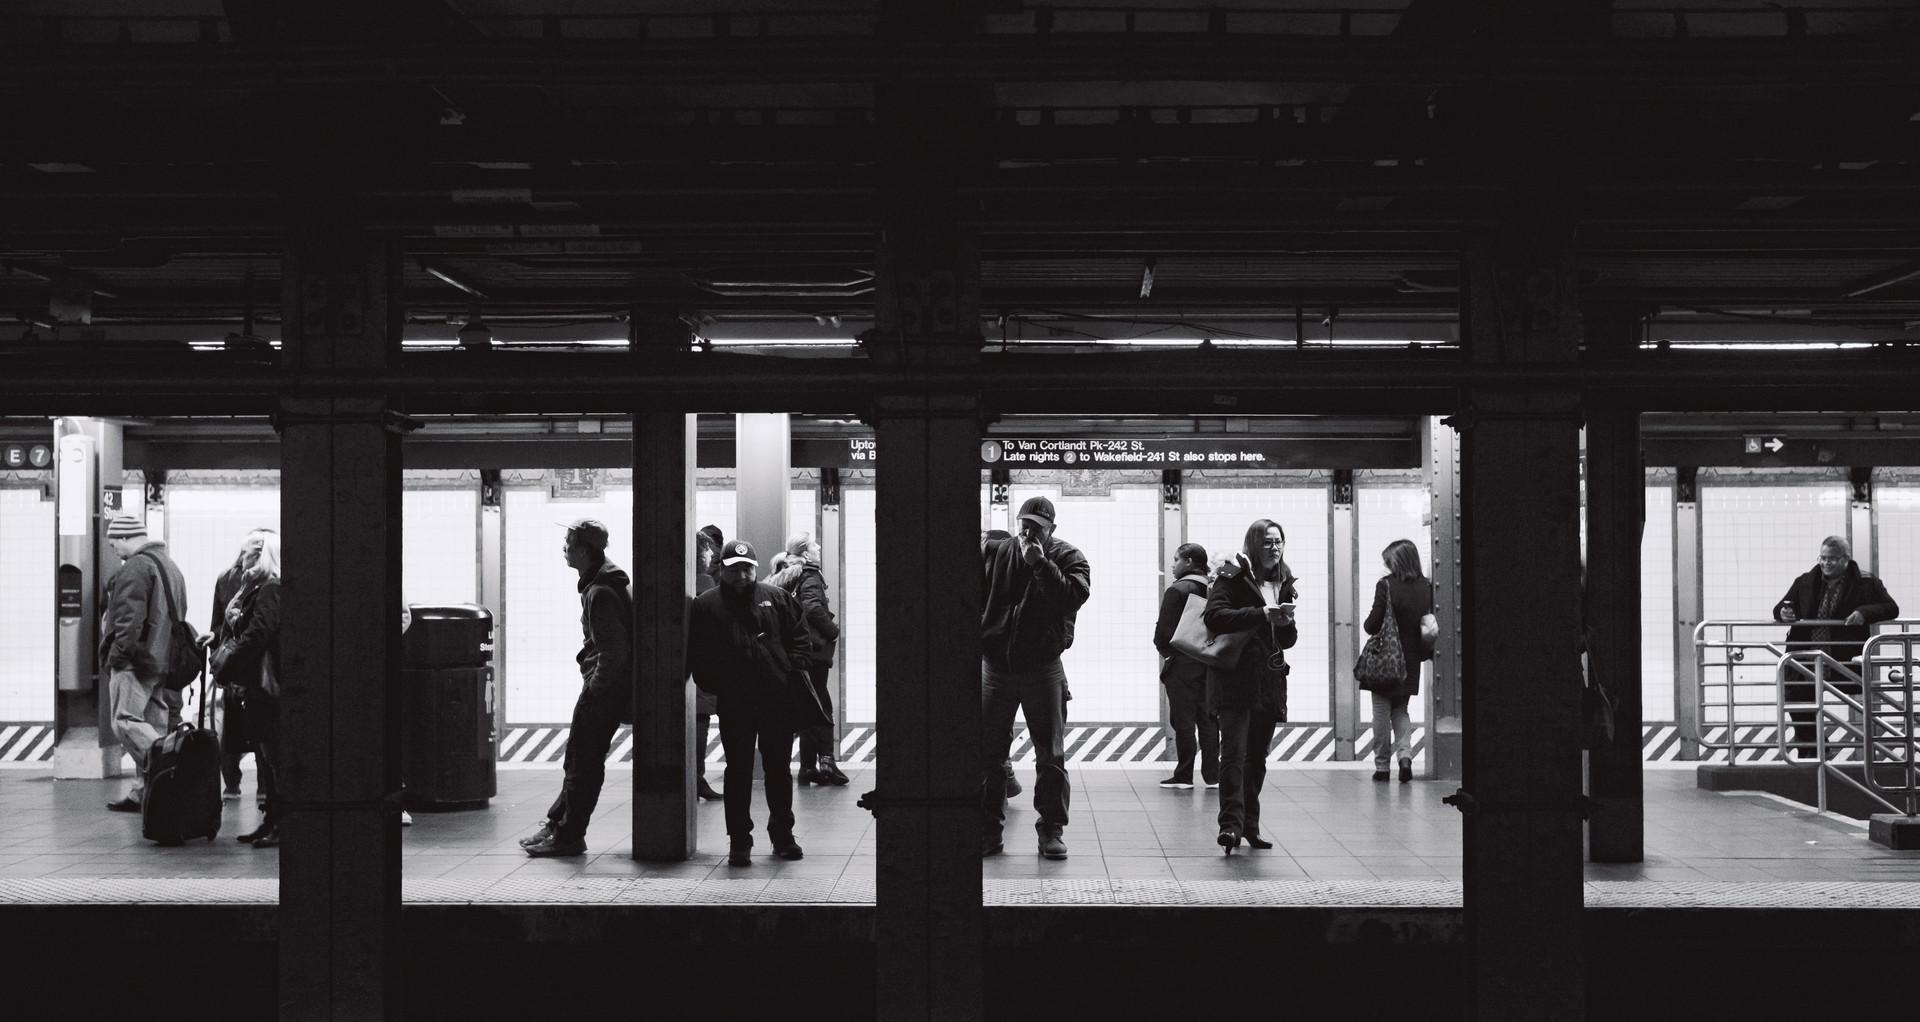 Metro in NY